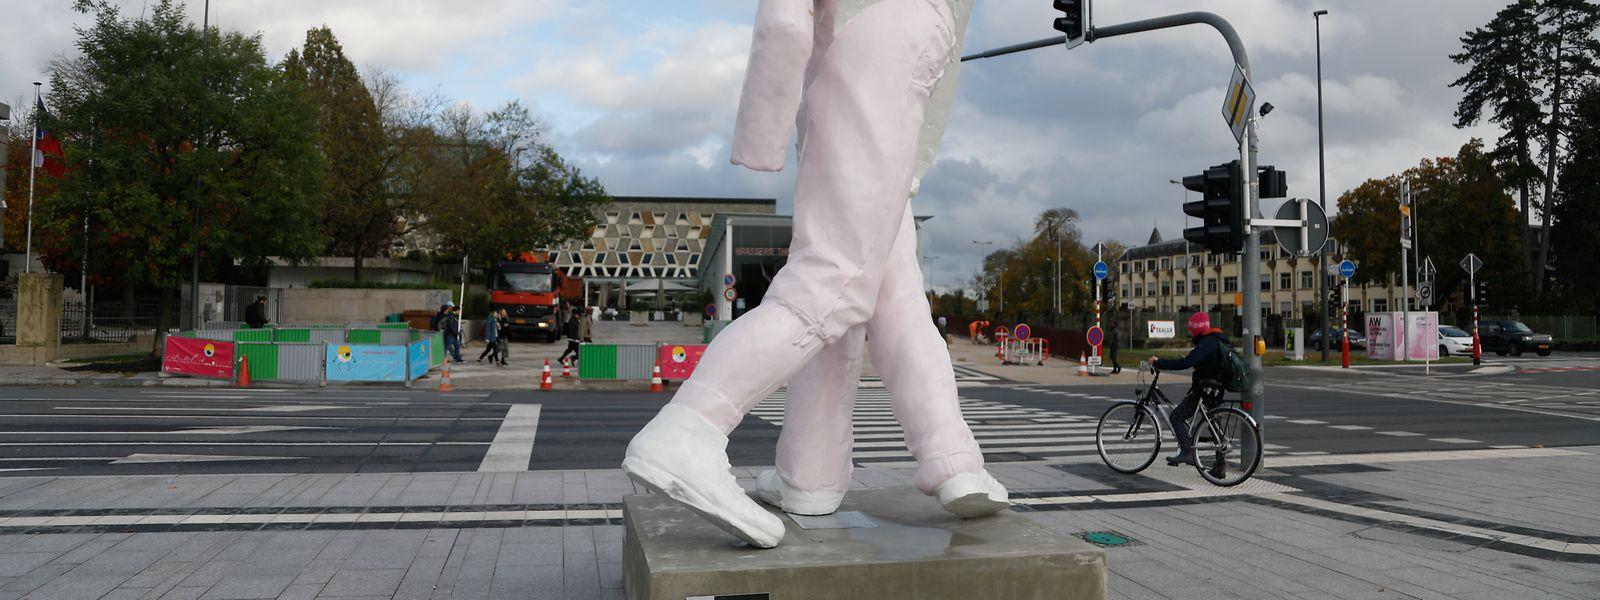 Ein echter Wurm für Luxemburg: Die Arbeit des österreichischen Künstlers Erwin Wurm weist prominent platziert am Rond-Point Schuman auf die Art Week in der Halle Victor Hugo hin.